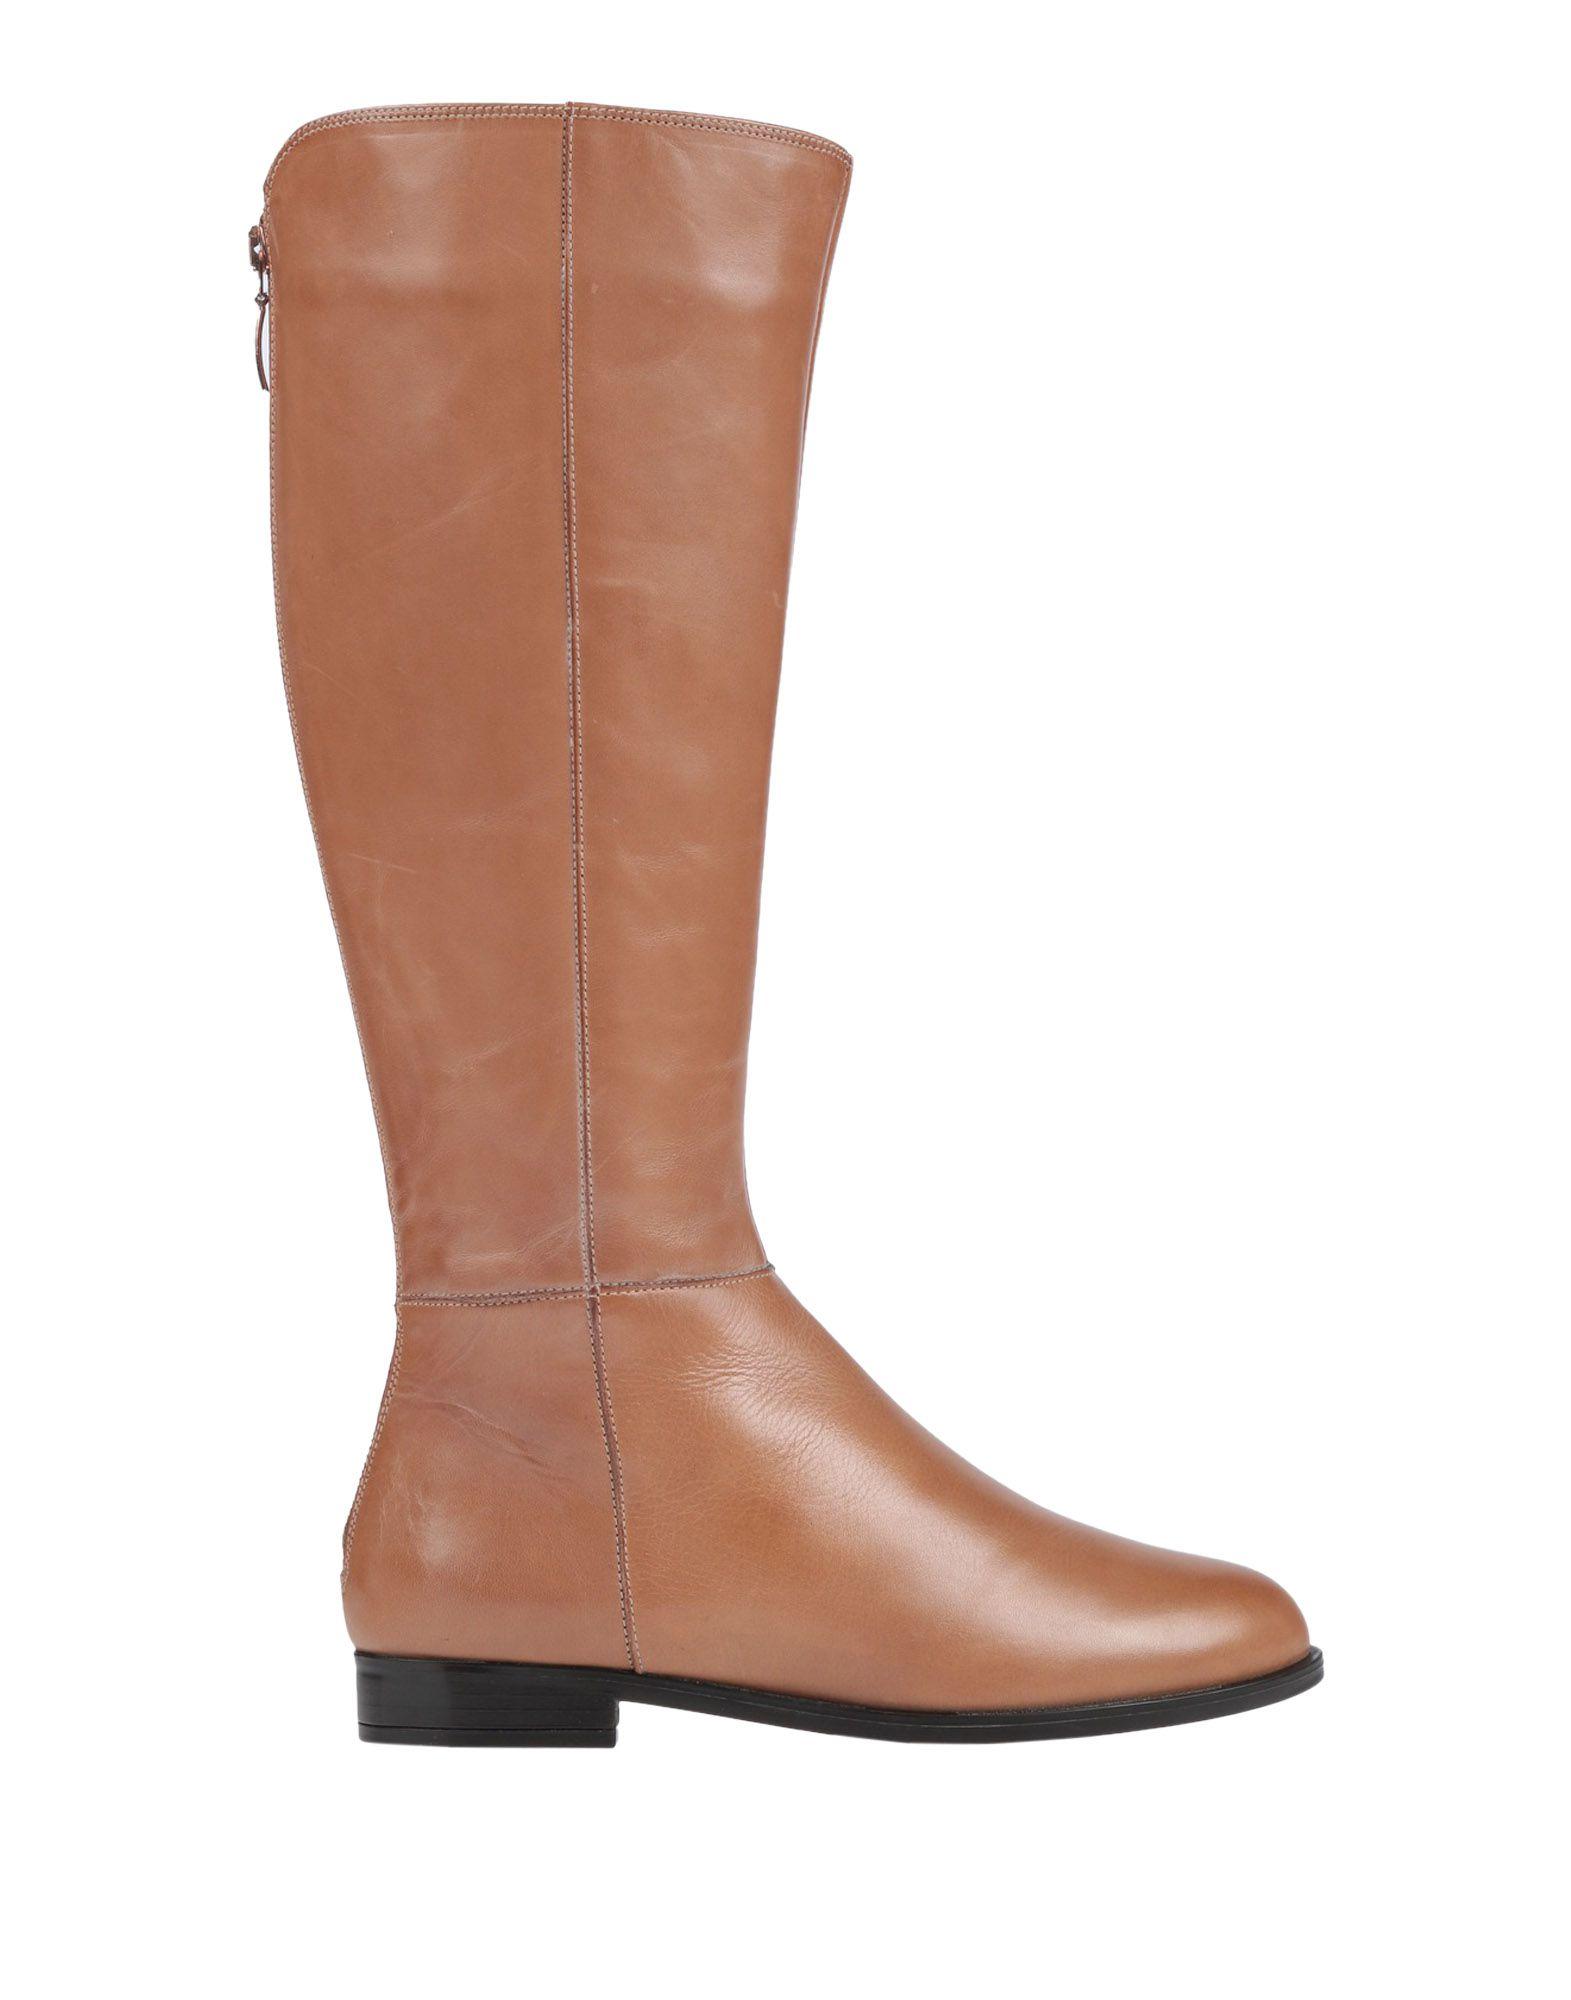 Anna Baiguera Stiefel Damen  11305314HBGut aussehende strapazierfähige Schuhe